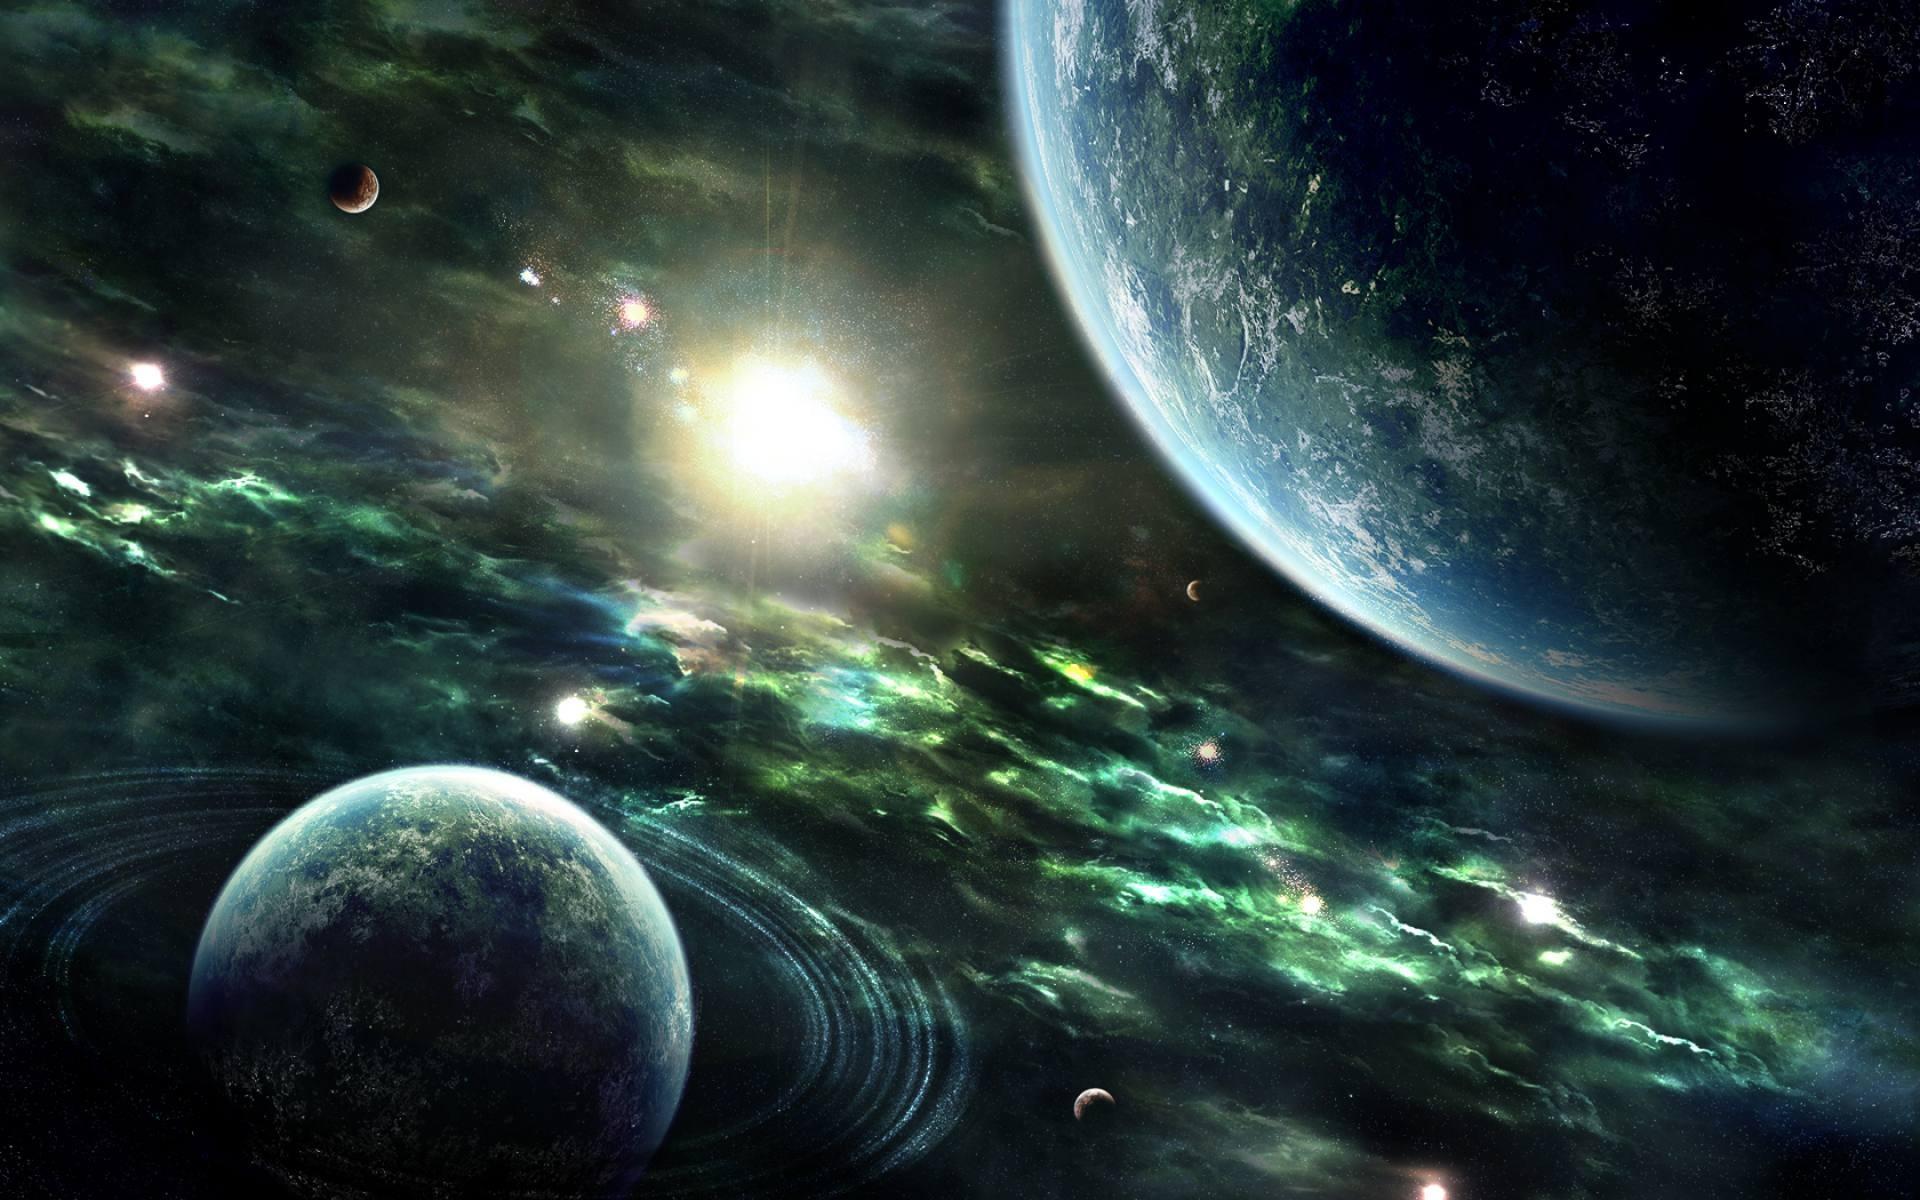 Sci Fi Planets desktop wallpaper 1920x1200